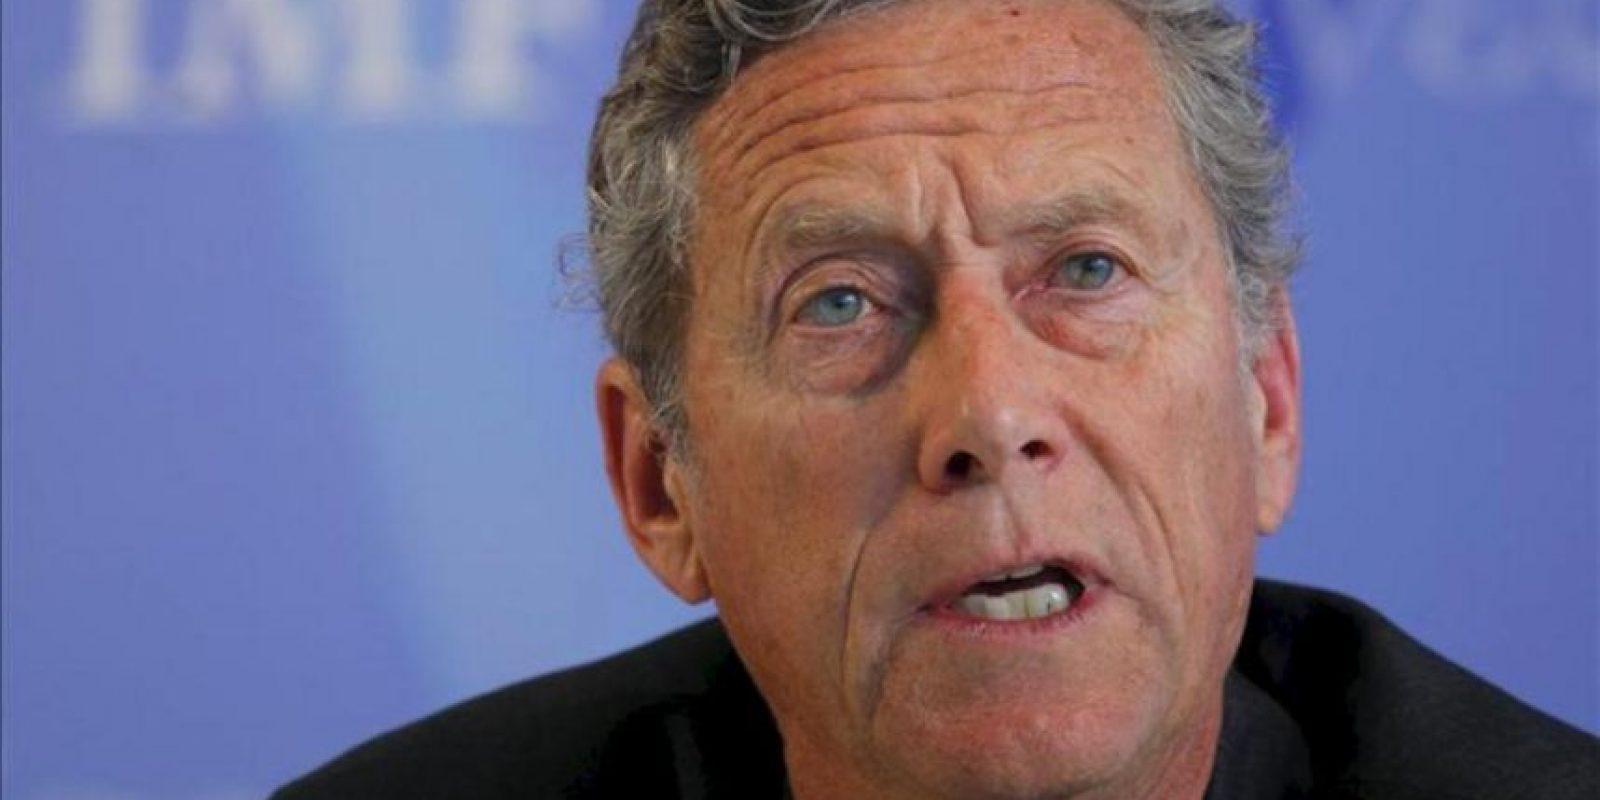 """Olivier Blanchard, economista jefe del FMI, insistió en que la """"reducción fiscal por sí sola no va resolver los problemas de competitividad en la periferia europea"""", por lo que recomendó tener en cuenta la debilidad económica en la región. EFE/Archivo"""